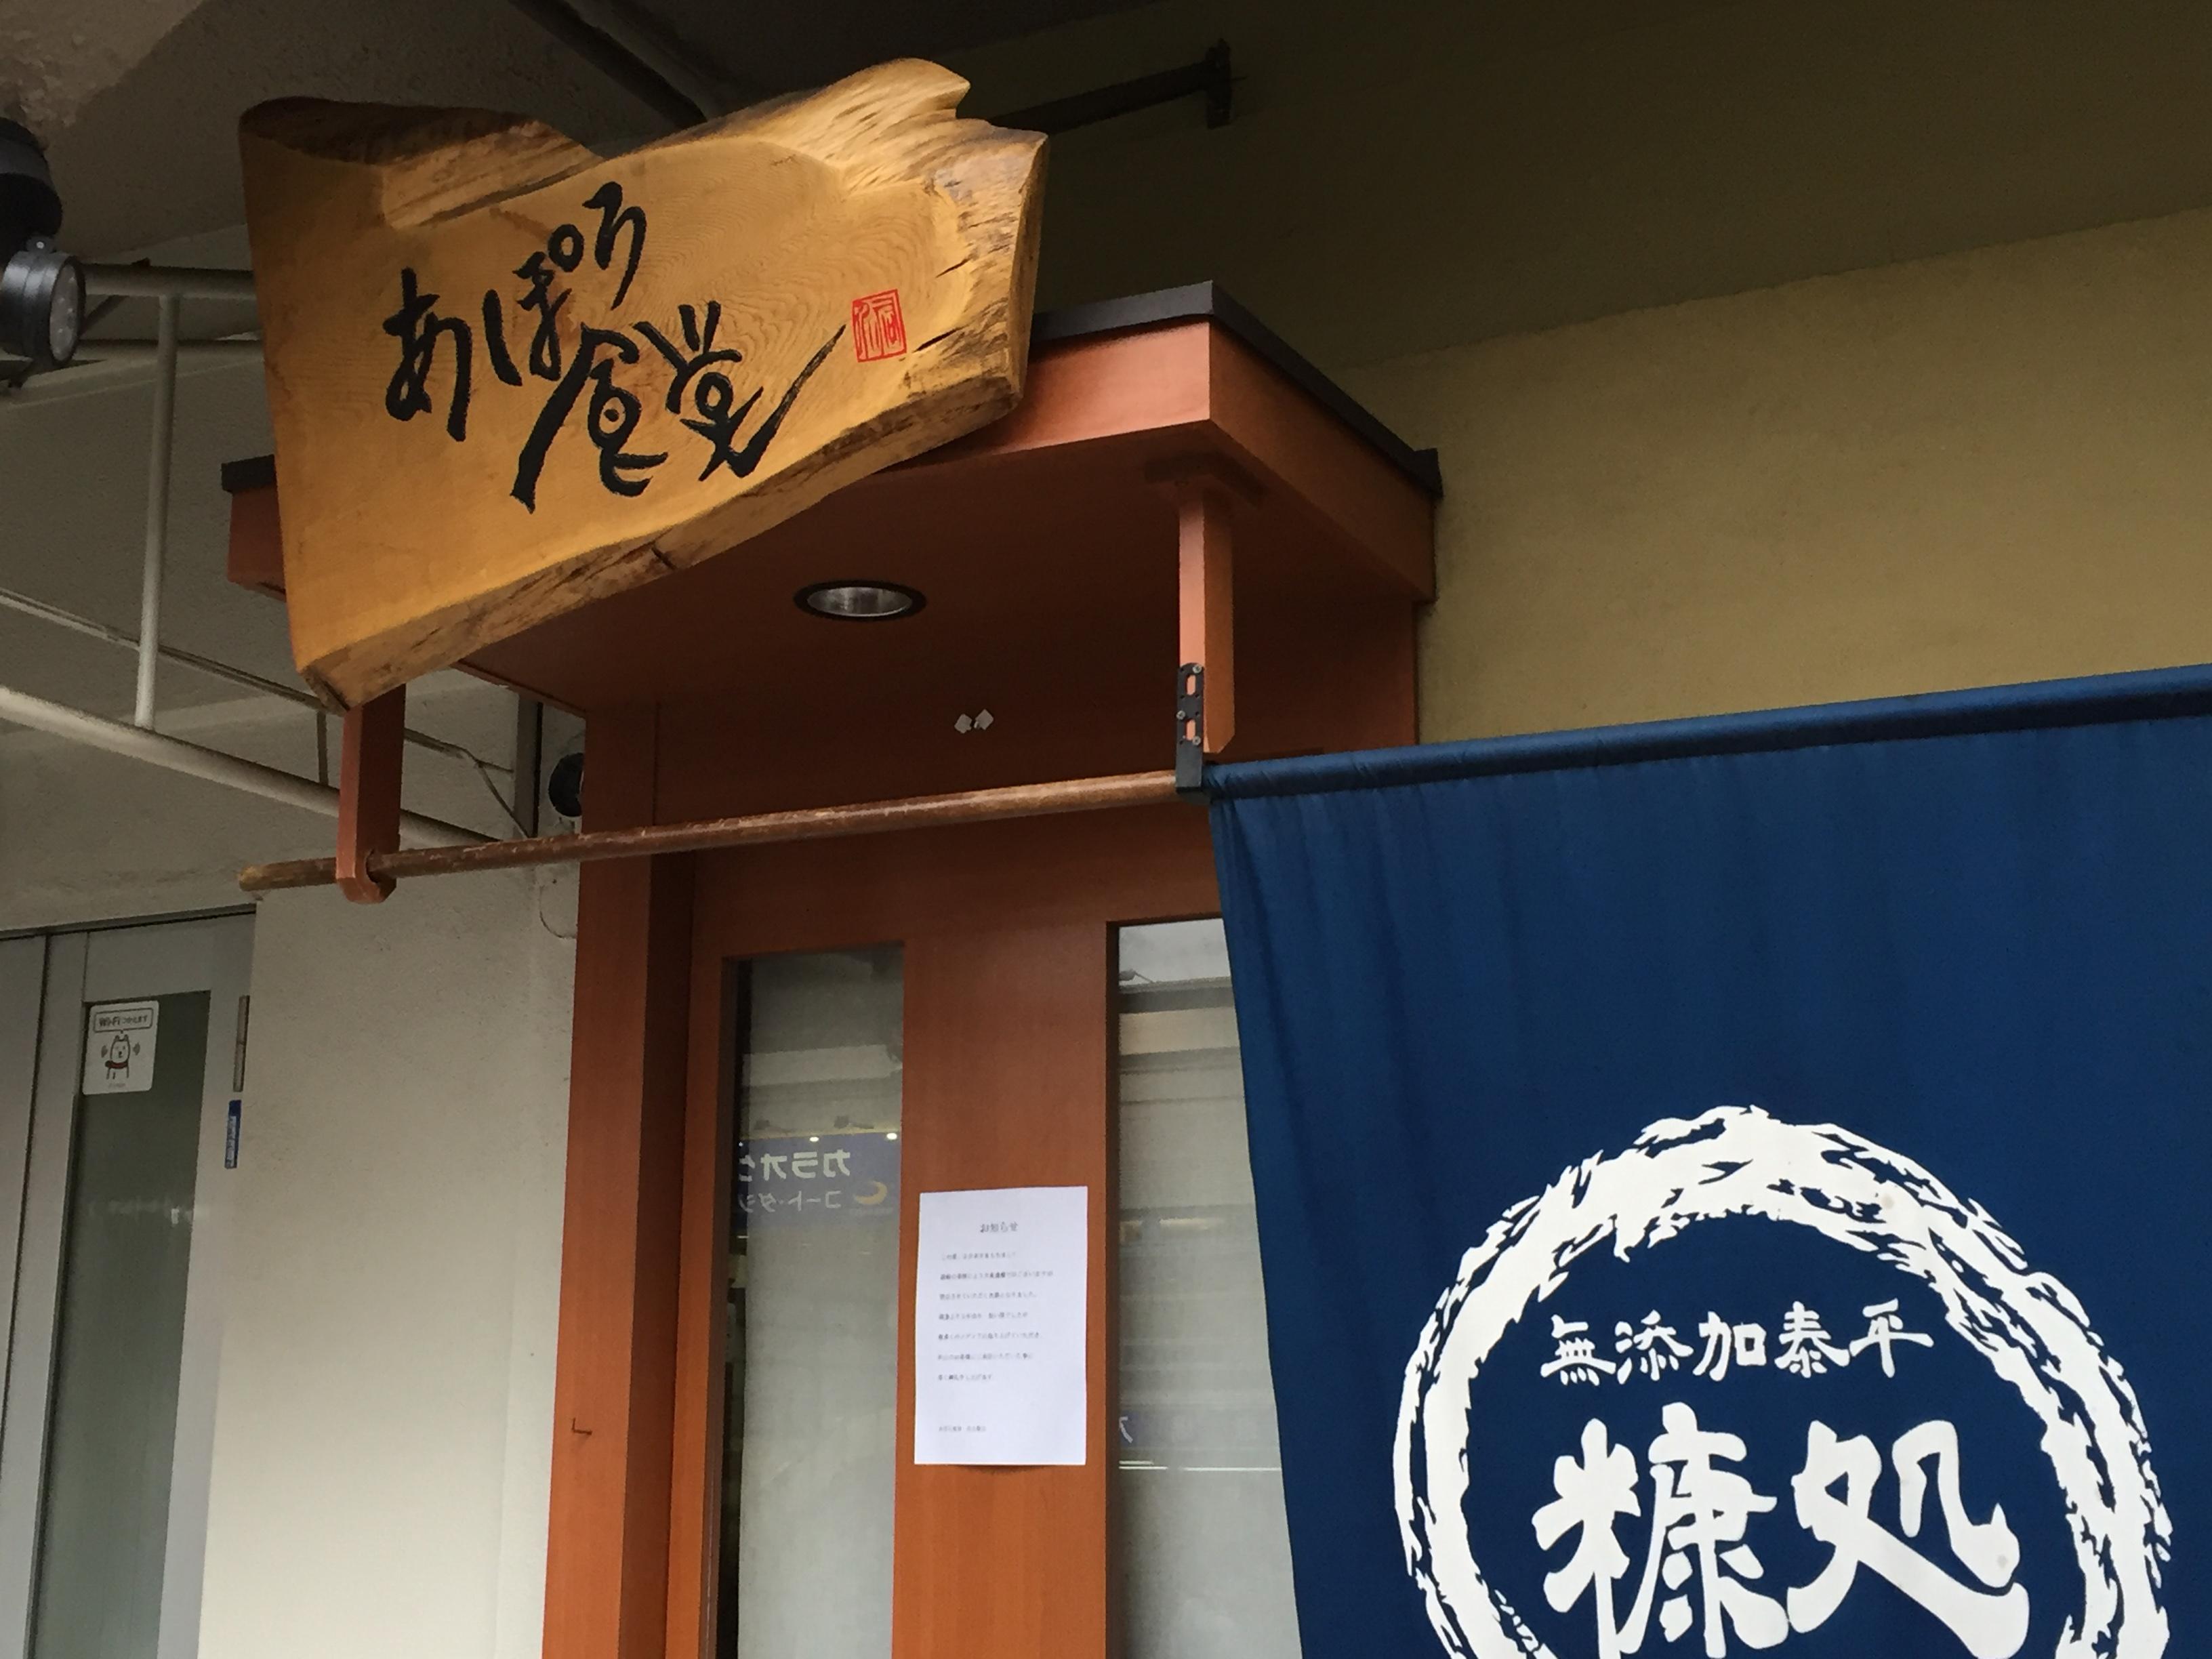 神戸・JR住吉東にある肉吸いの「あぽろ食堂」が2017年2月末で閉店したよ【※閉店のお知らせ&写真更新あり】